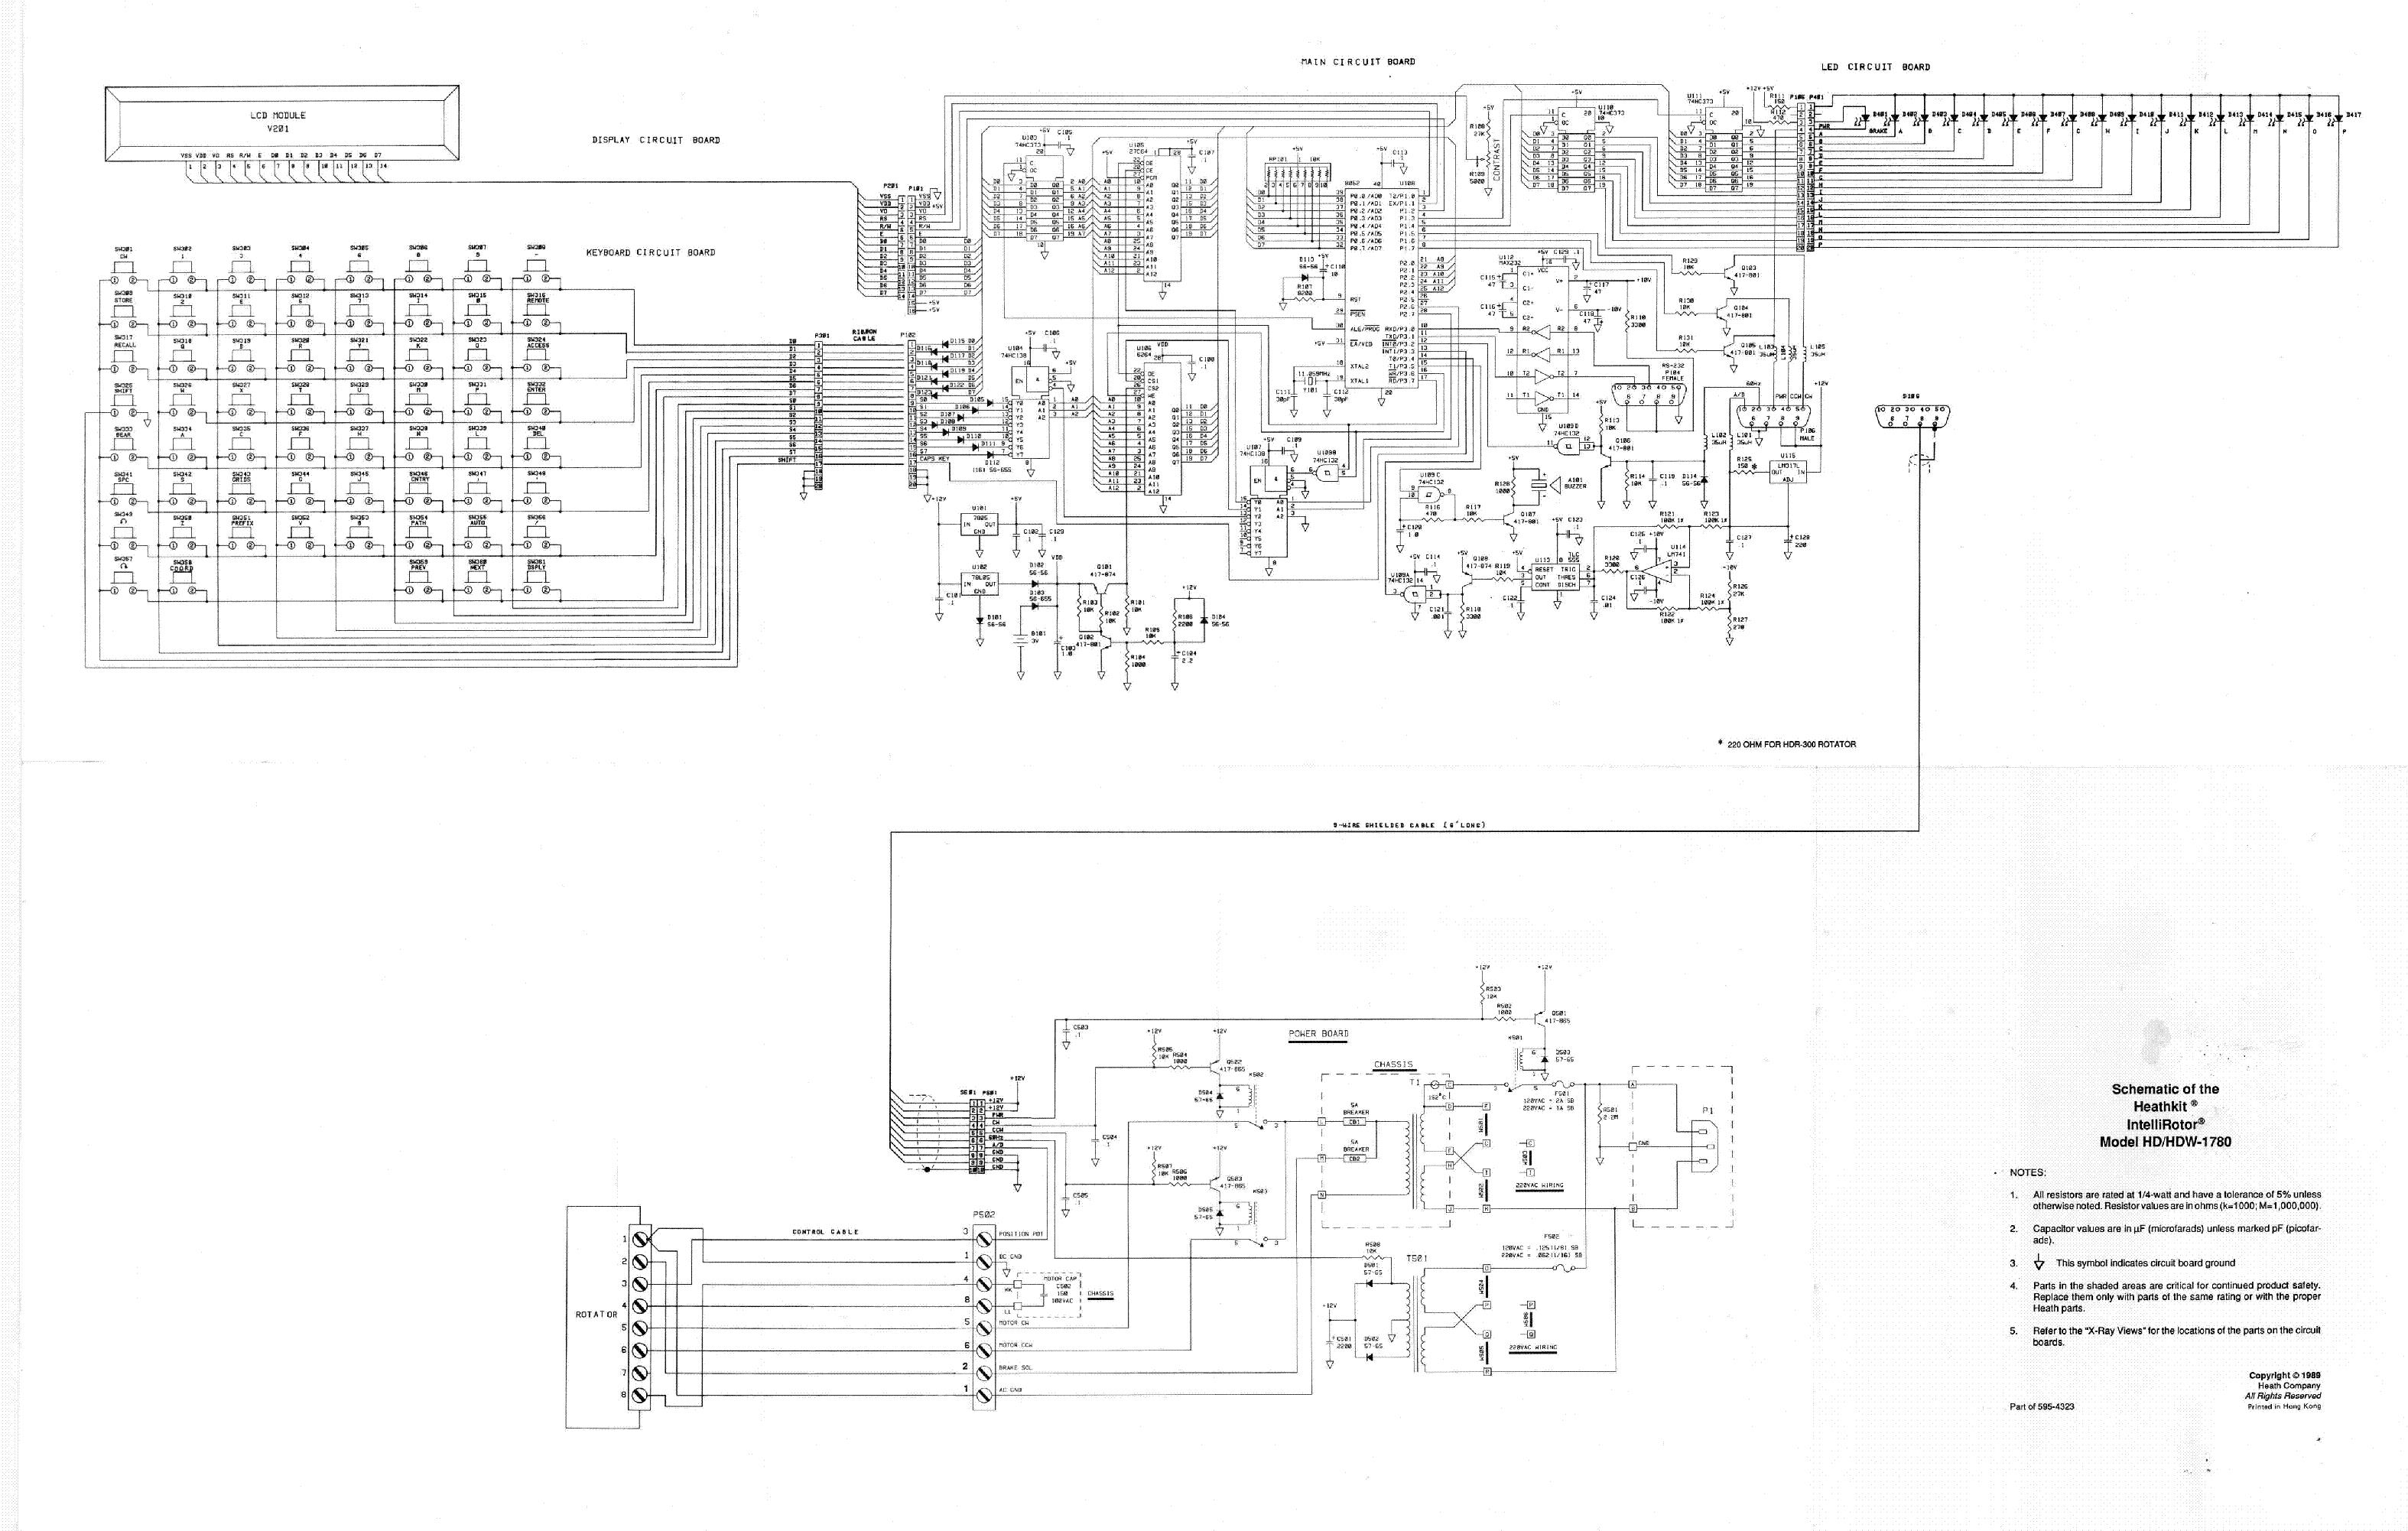 heathkit hd hdw 1780 intelli rotor antenna forgato 1989